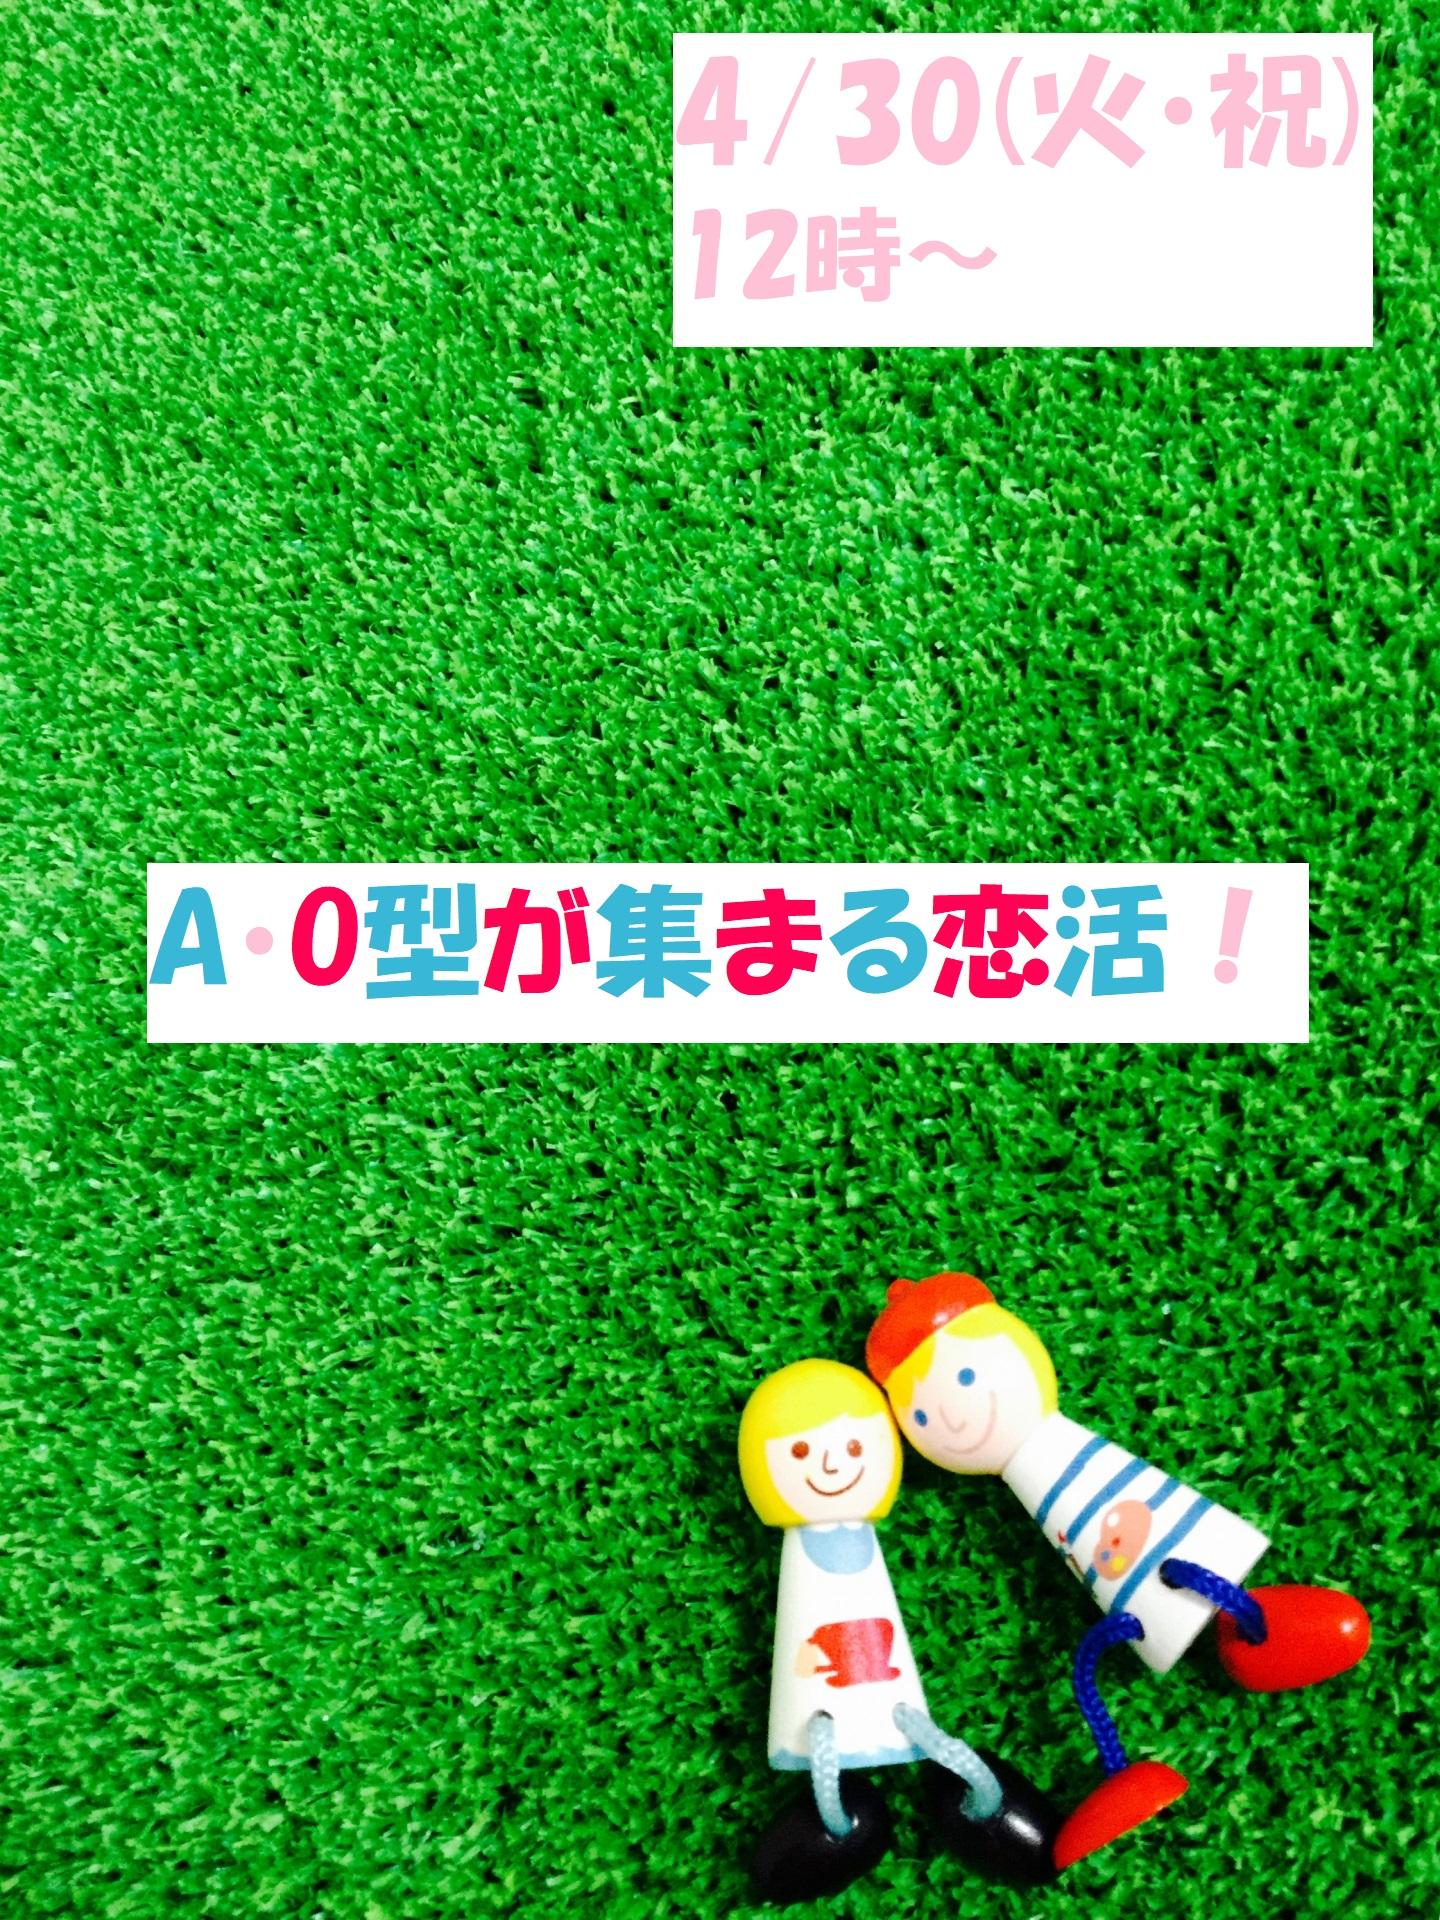 【終了】4月30日(火・祝)12時~相性の良い異性が集まりやすい!A・O型が集まる恋活!